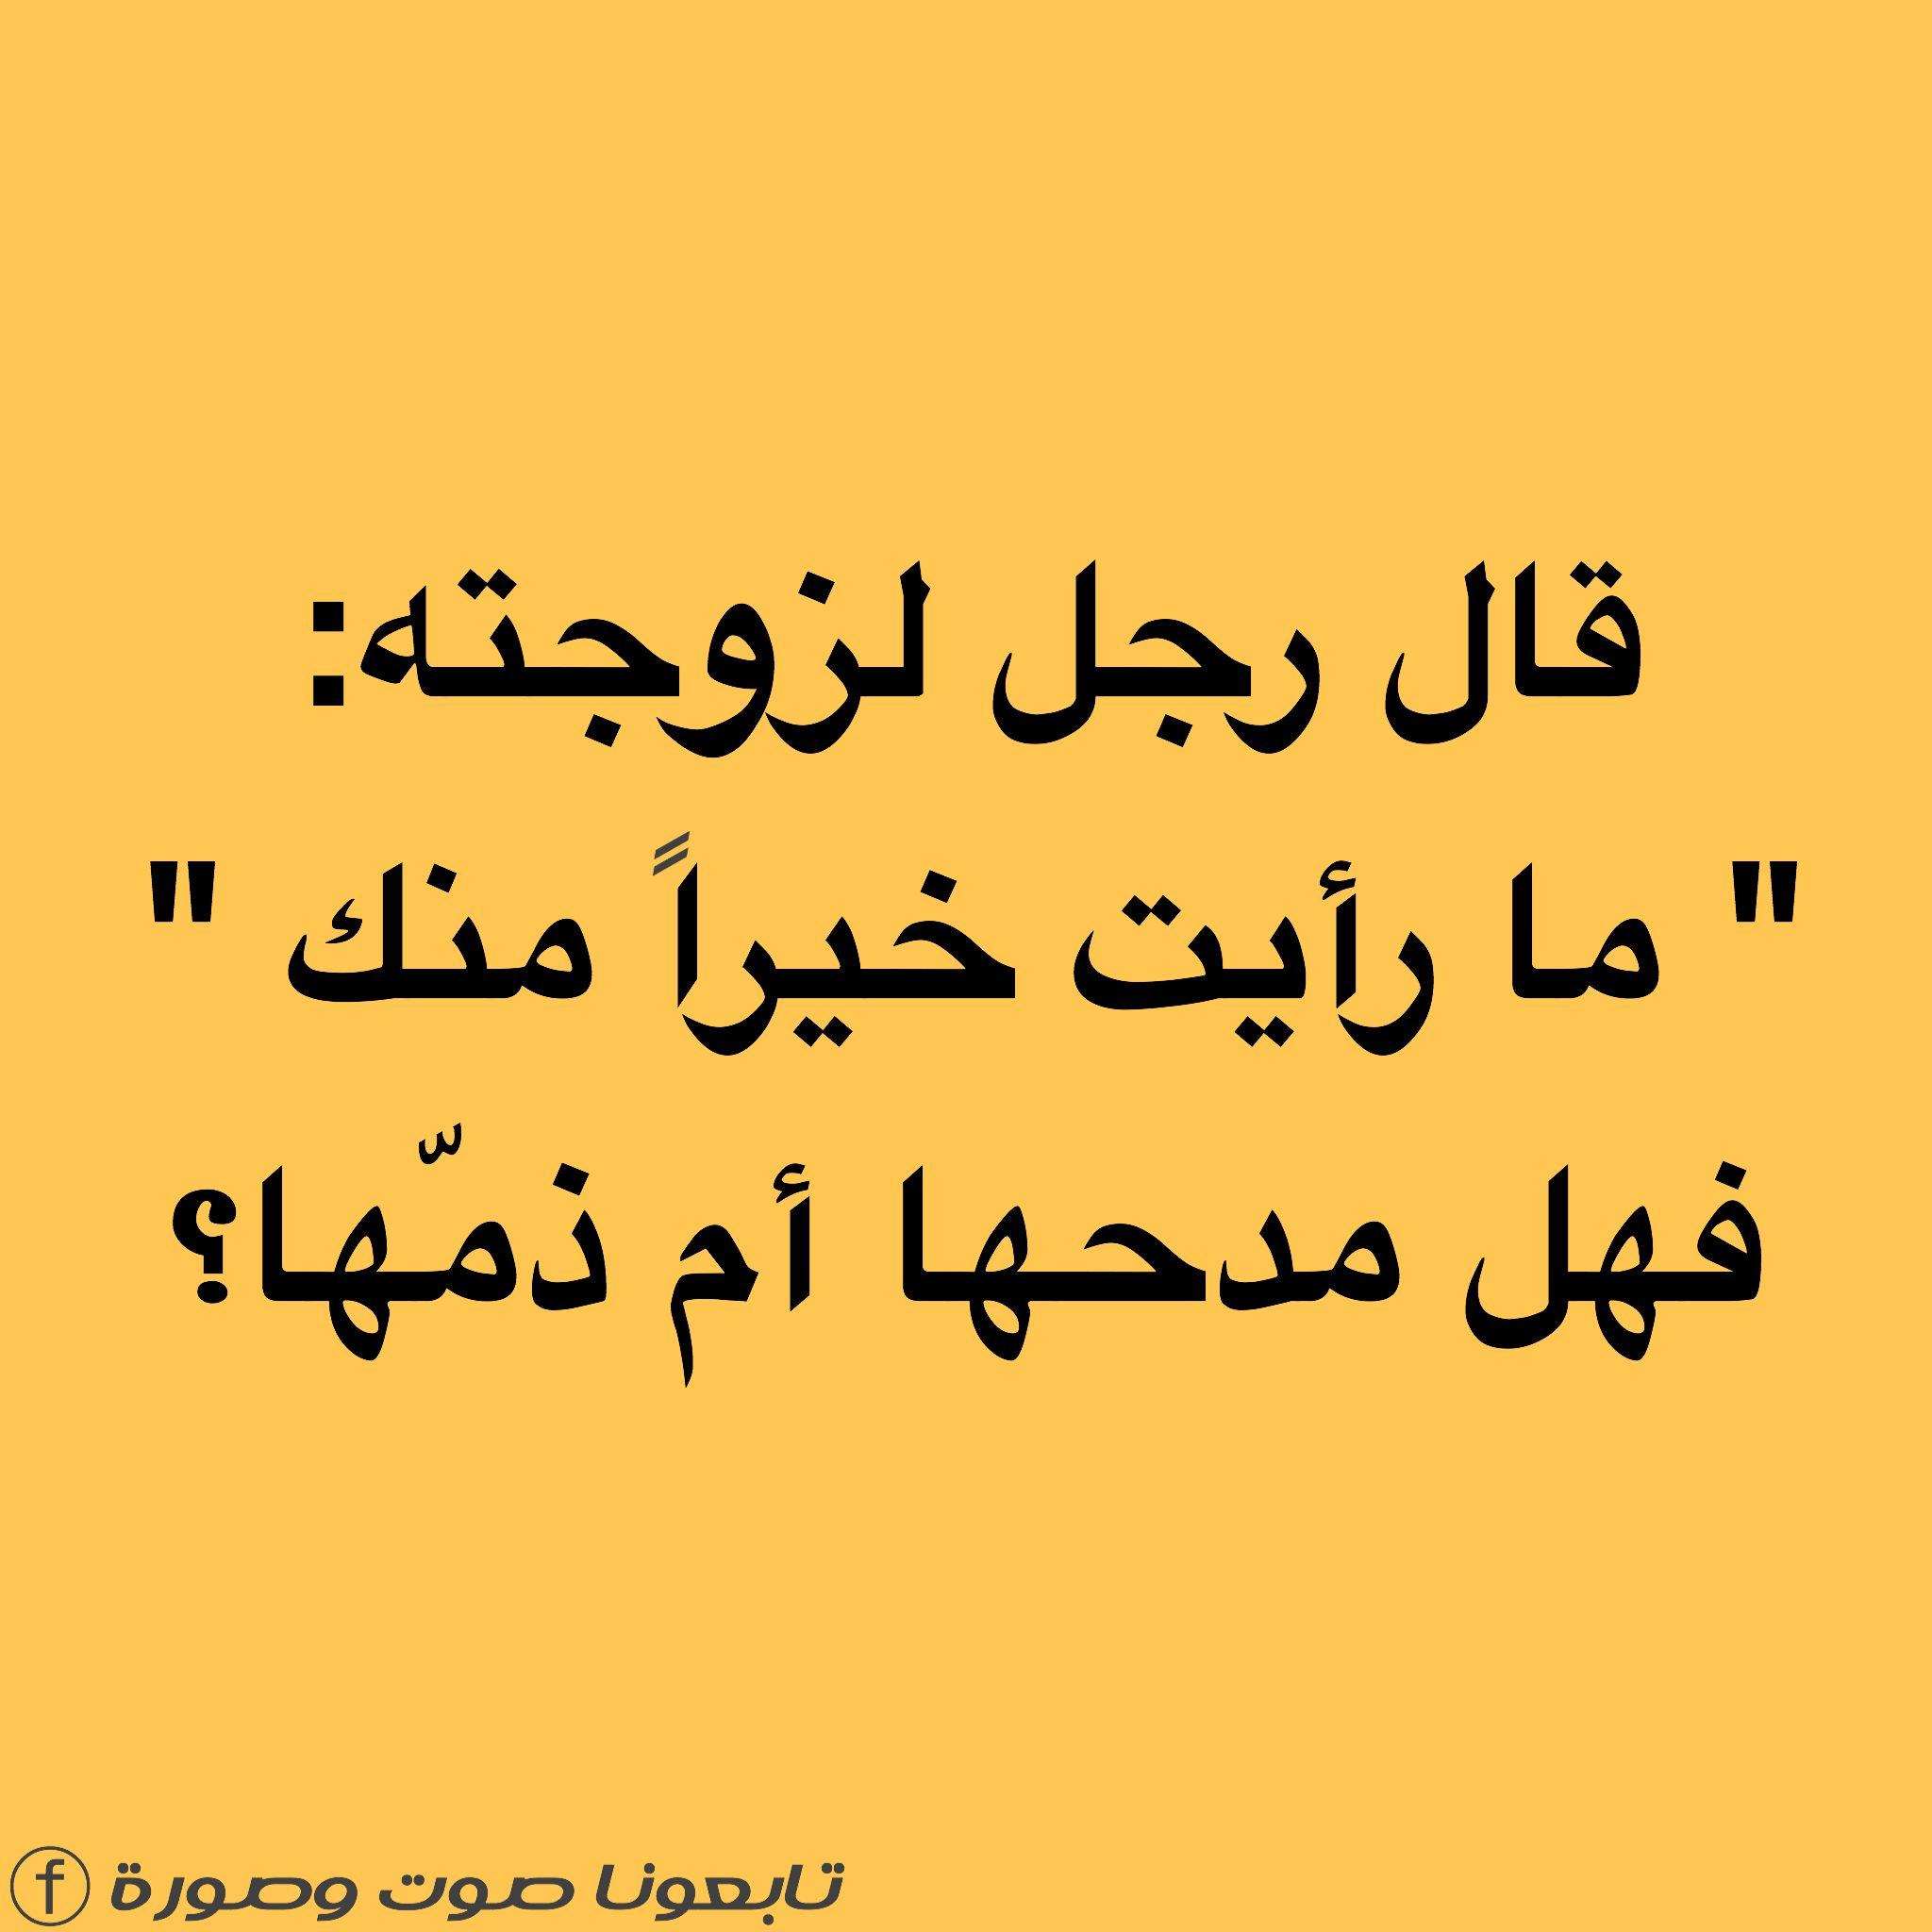 مدح ام ذم Calligraphy Arabic Calligraphy Arabic